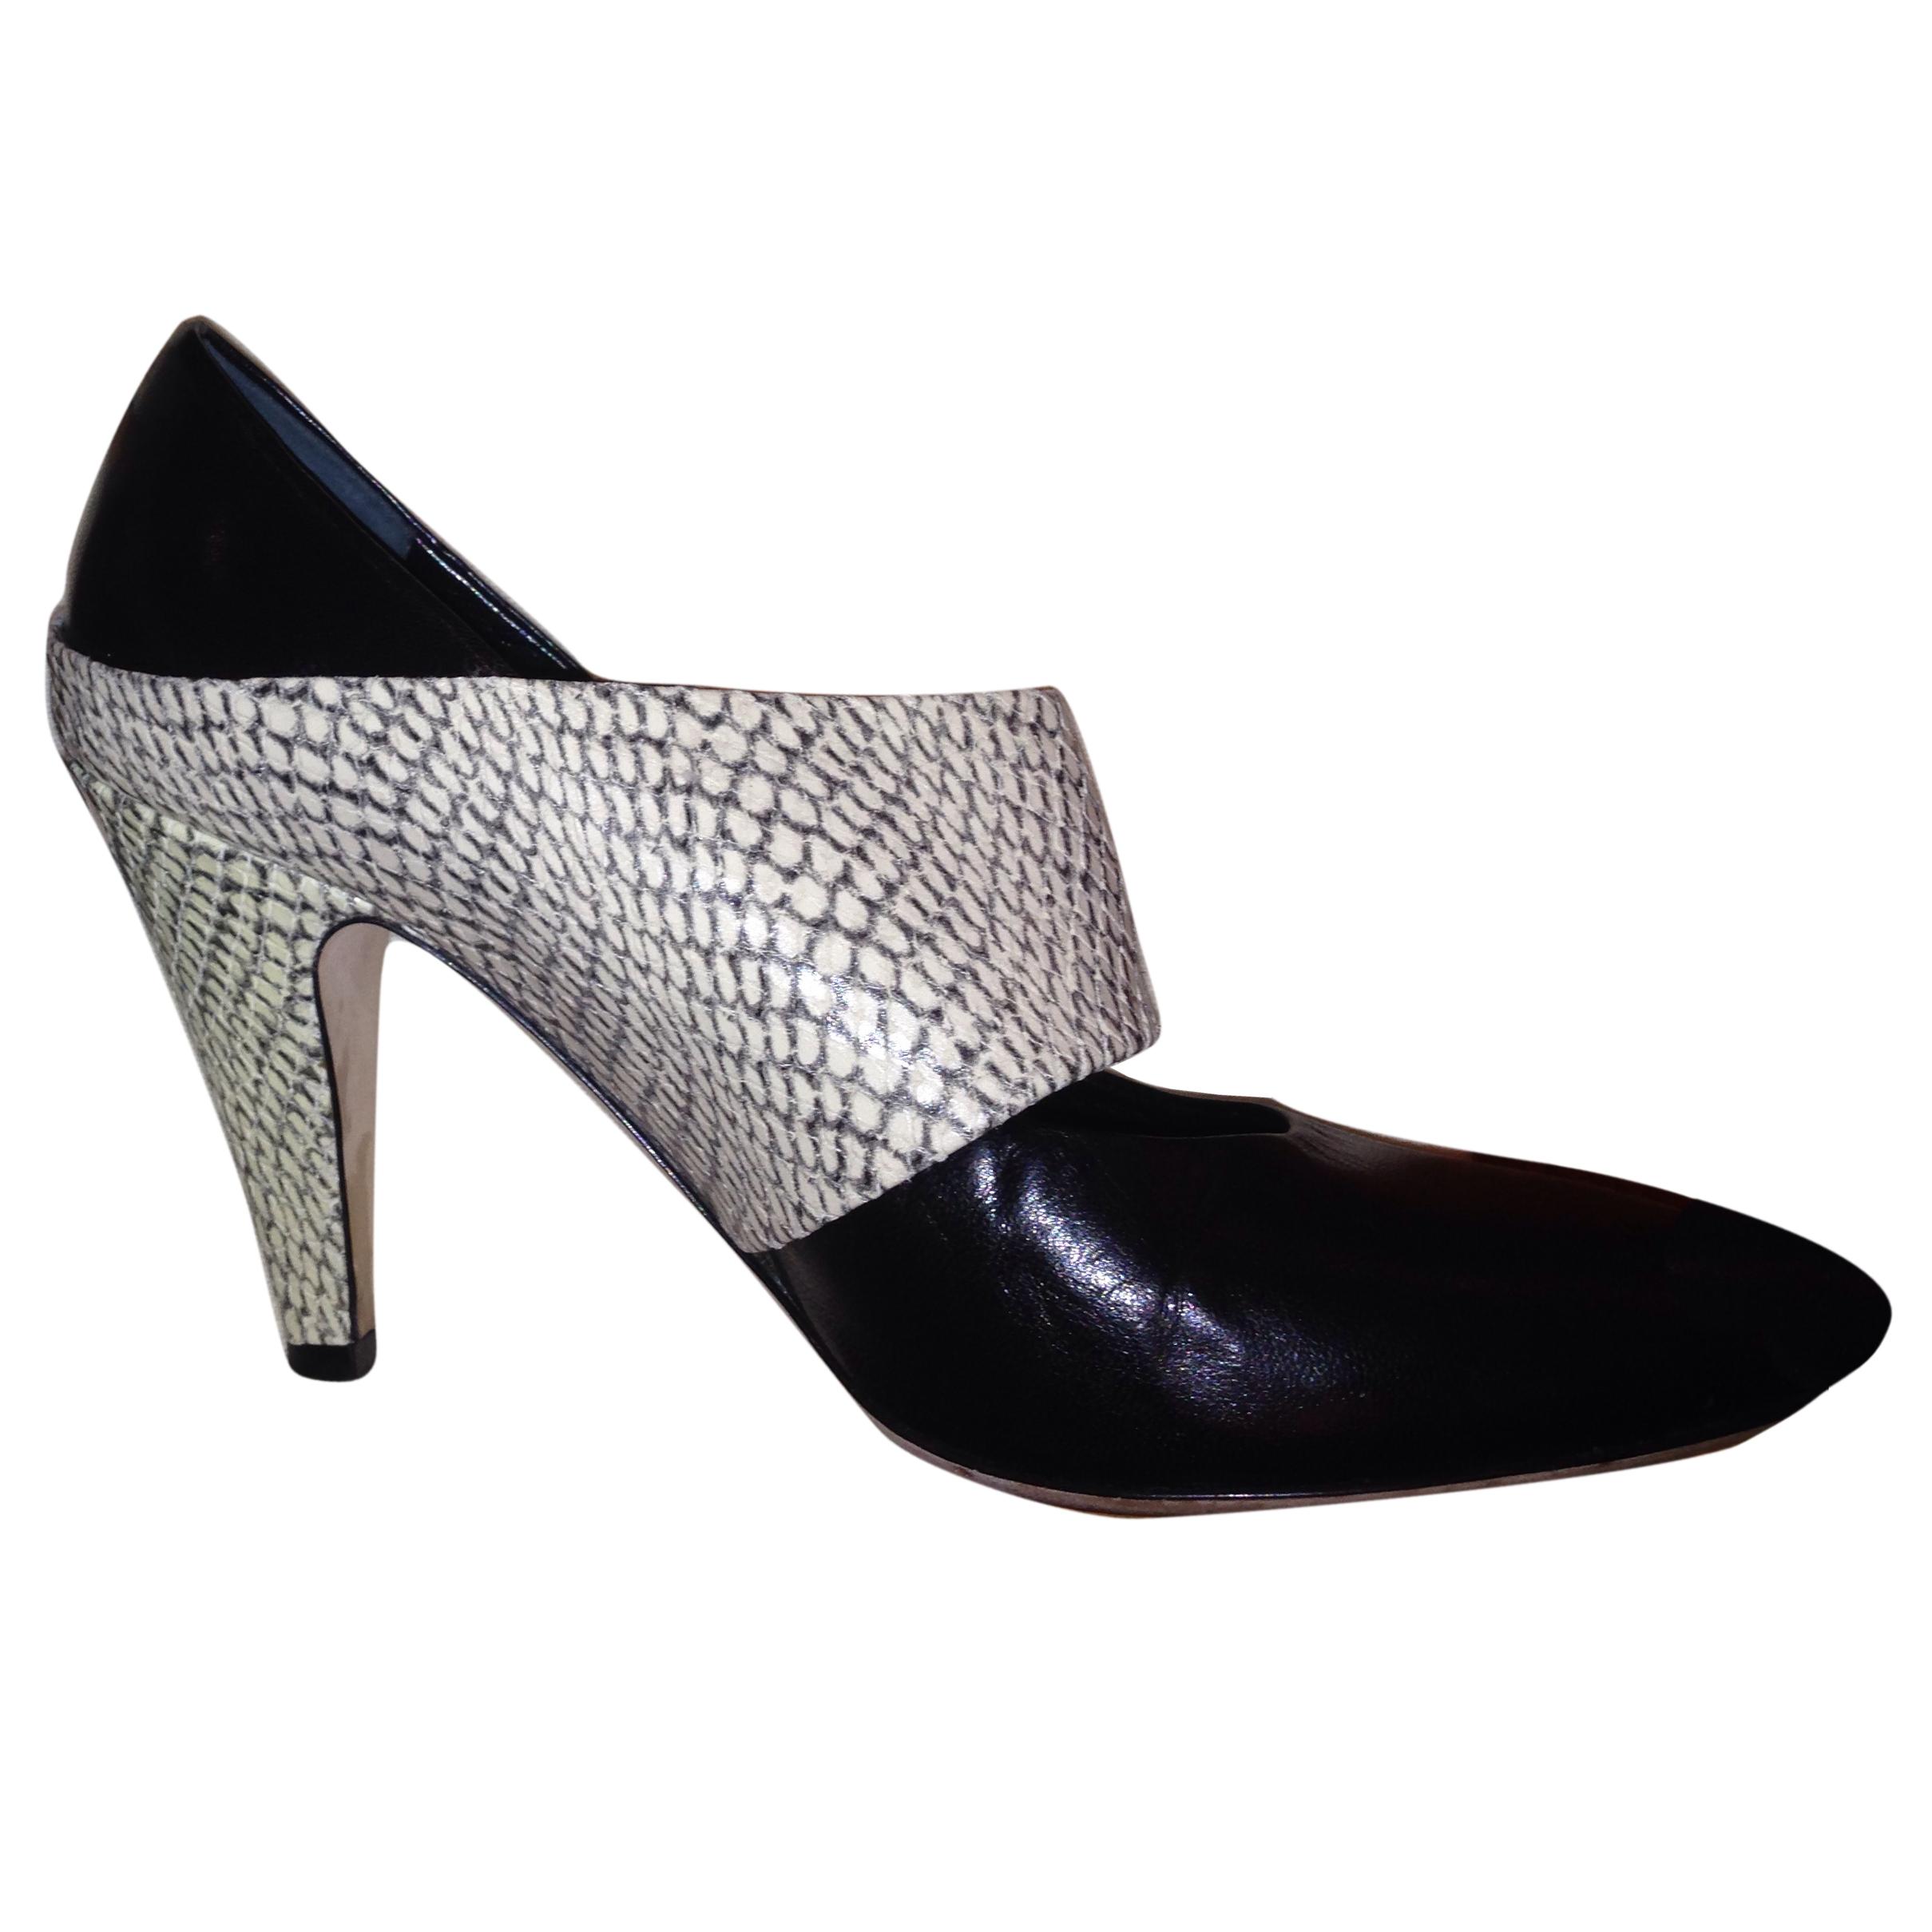 Loeffler Randall high heel black/white